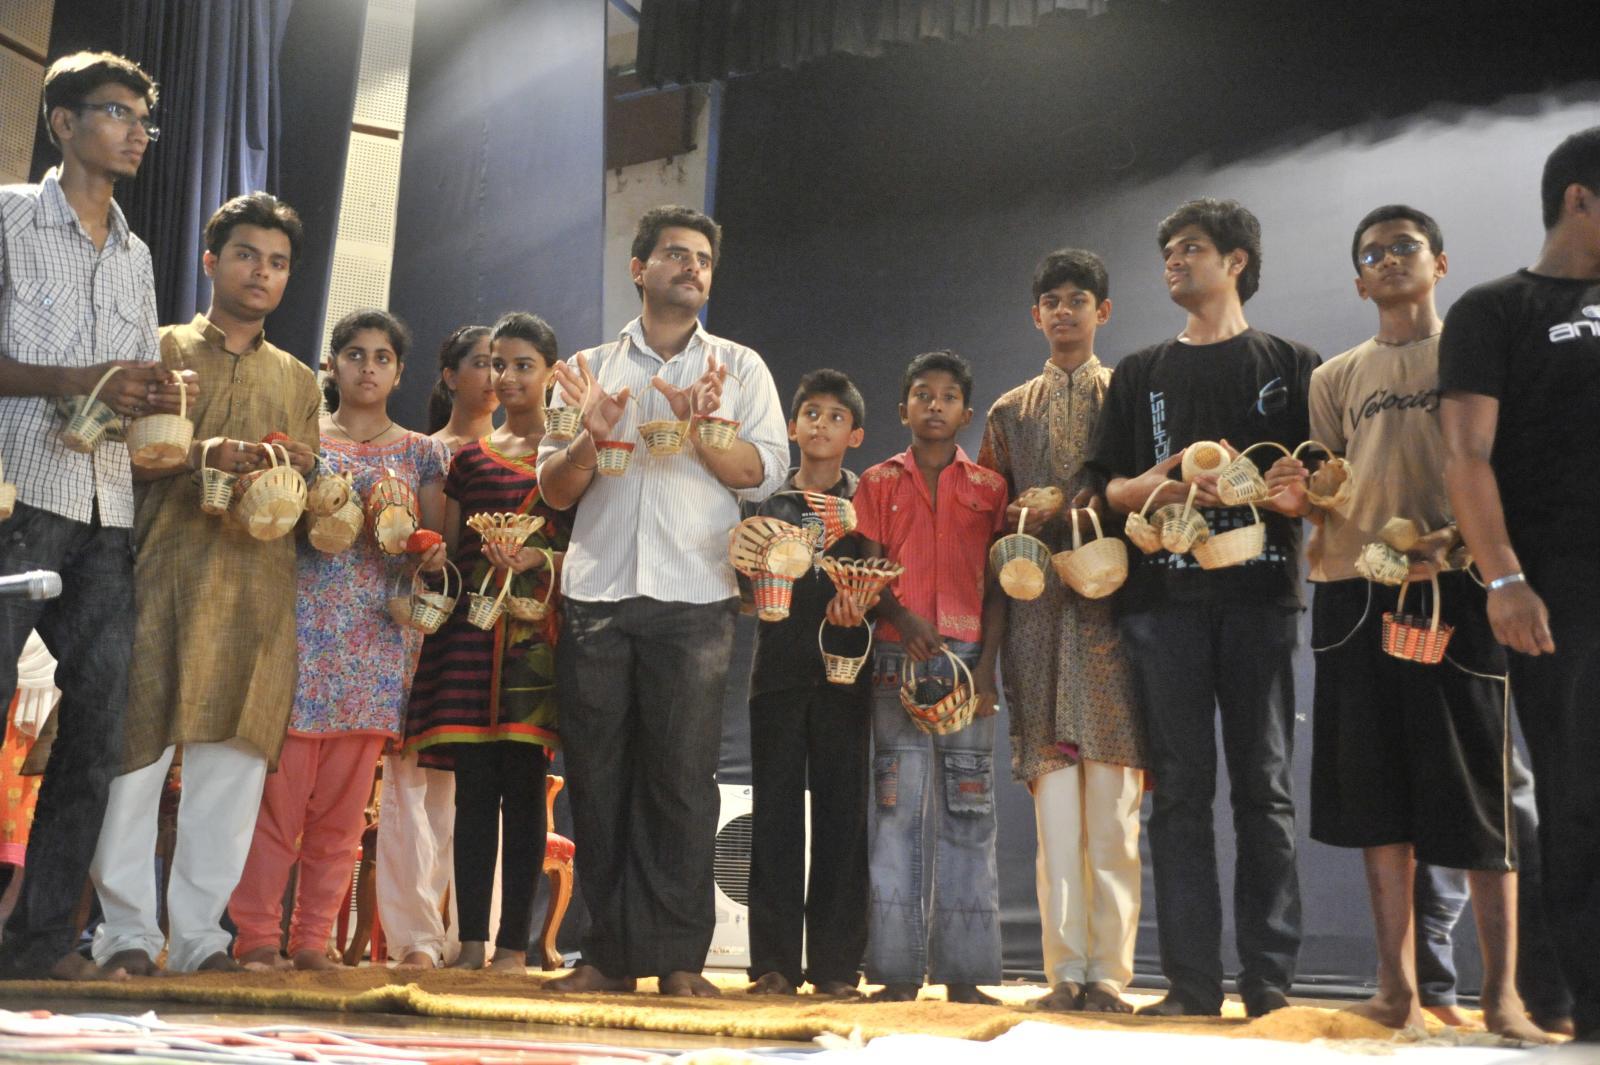 Basket full of poses - TRIPURA - Bamboo Crafts - Subrata Chakraborty